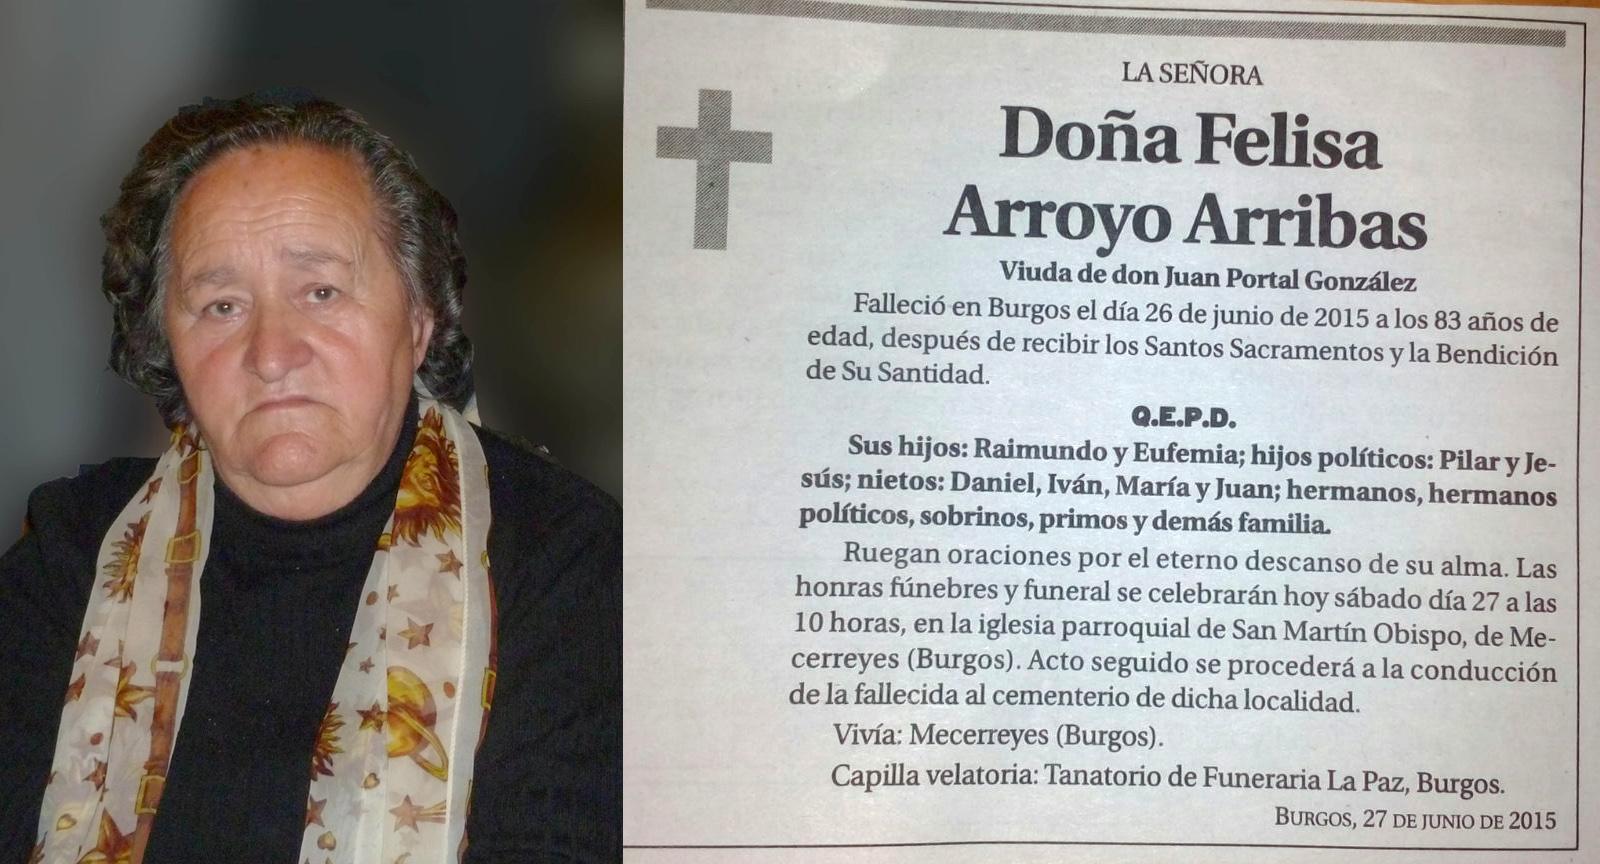 Esquela de Felisa Arroyo Arribas. Falleció el 26 de junio de 2015